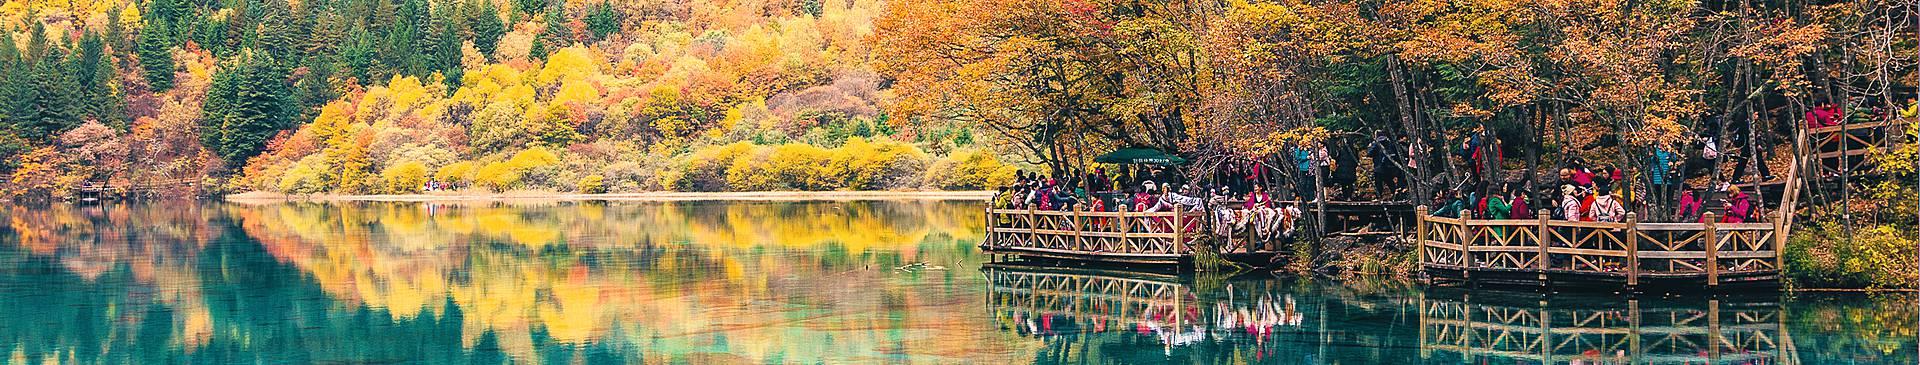 Viajes a China en otoño